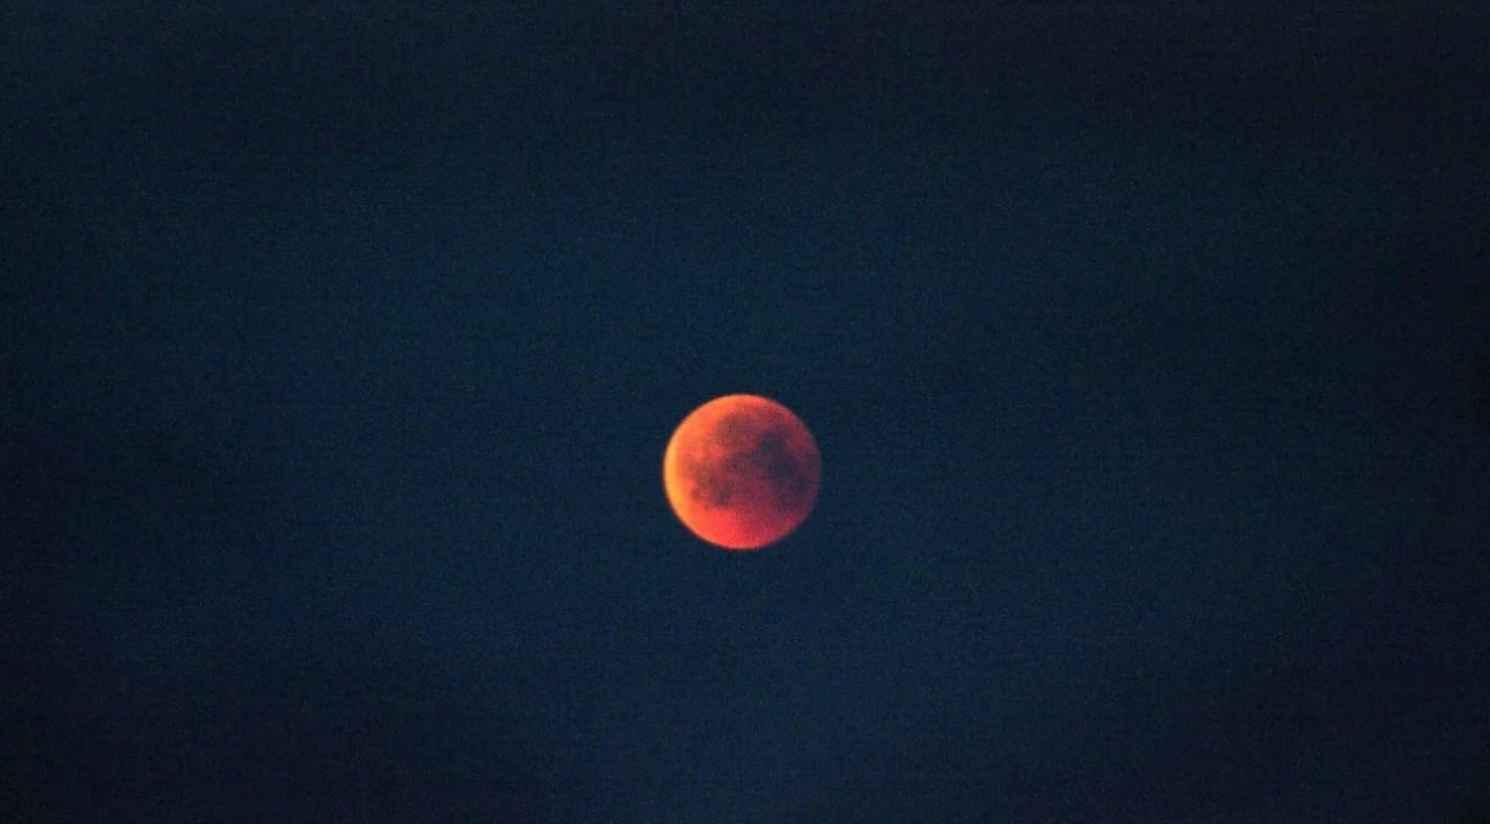 Теперь у нас есть подвижный луноход на обратной стороне Луны